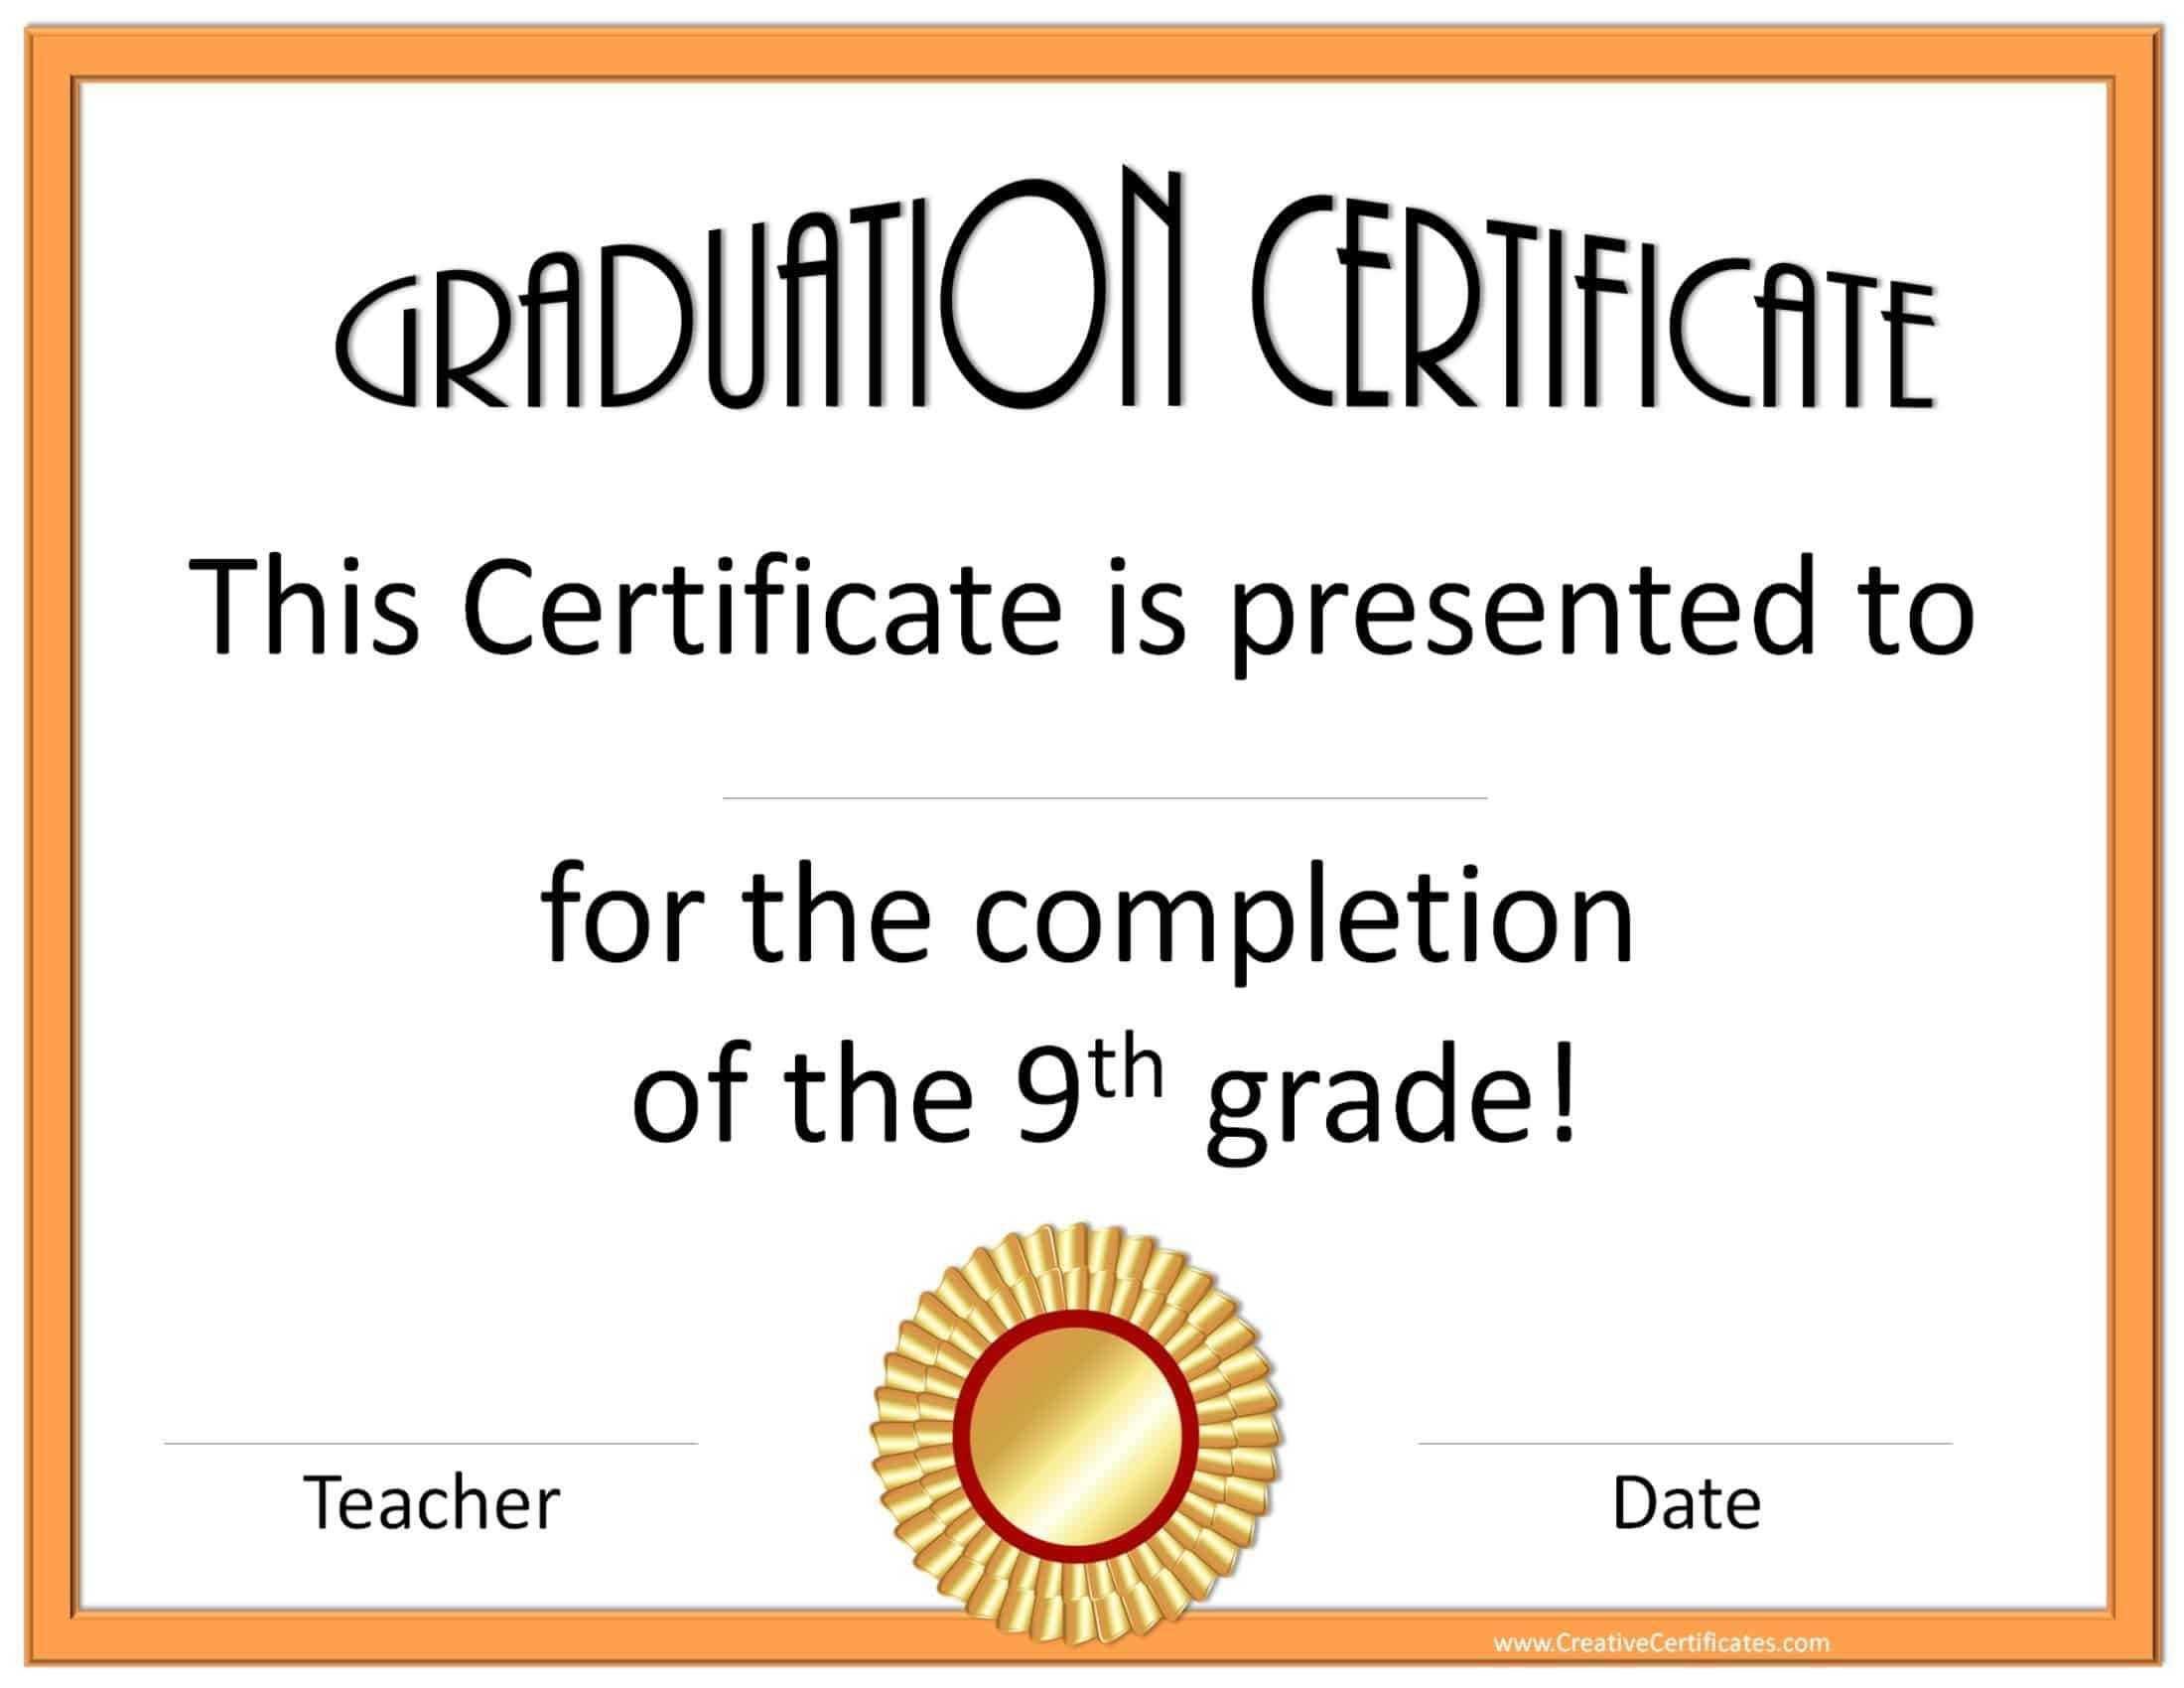 5Th Grade Graduation Certificate Template ] - Diplomas Free In 5Th Grade Graduation Certificate Template